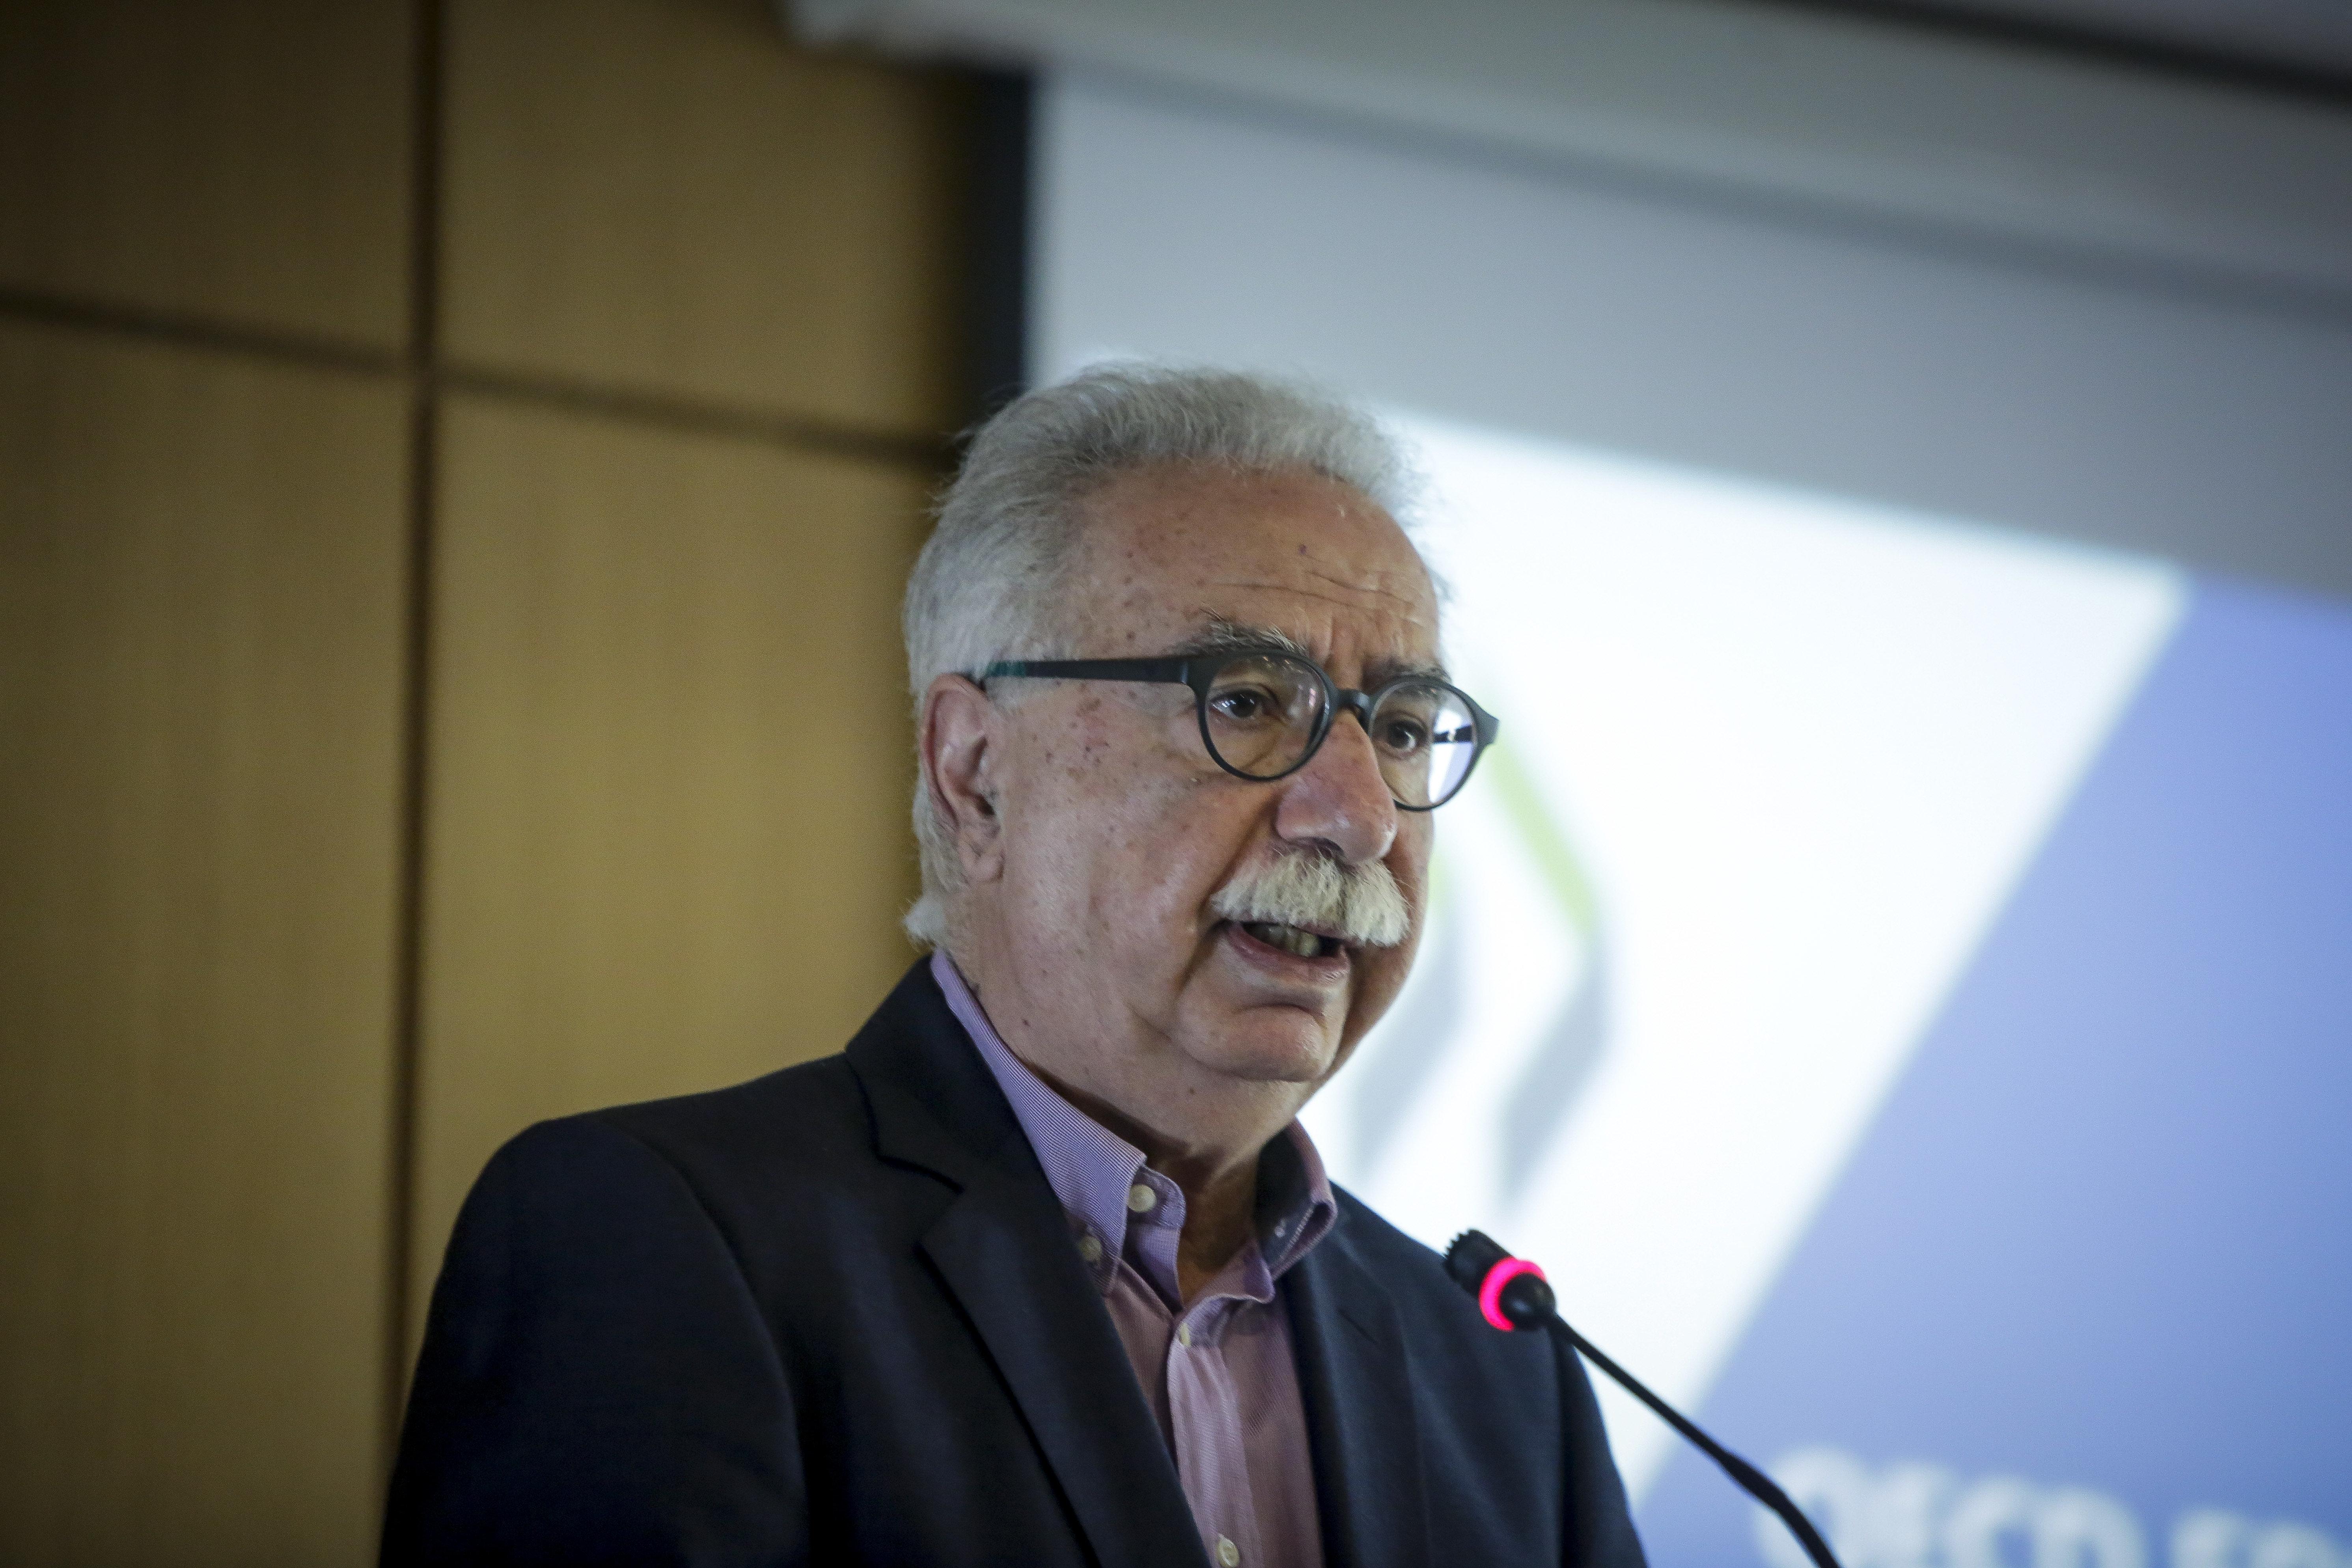 Πρόσθετη επιχορήγηση 25 εκ. ευρώ για Πανεπιστήμια και ΤΕΙ ανακοίνωσε ο